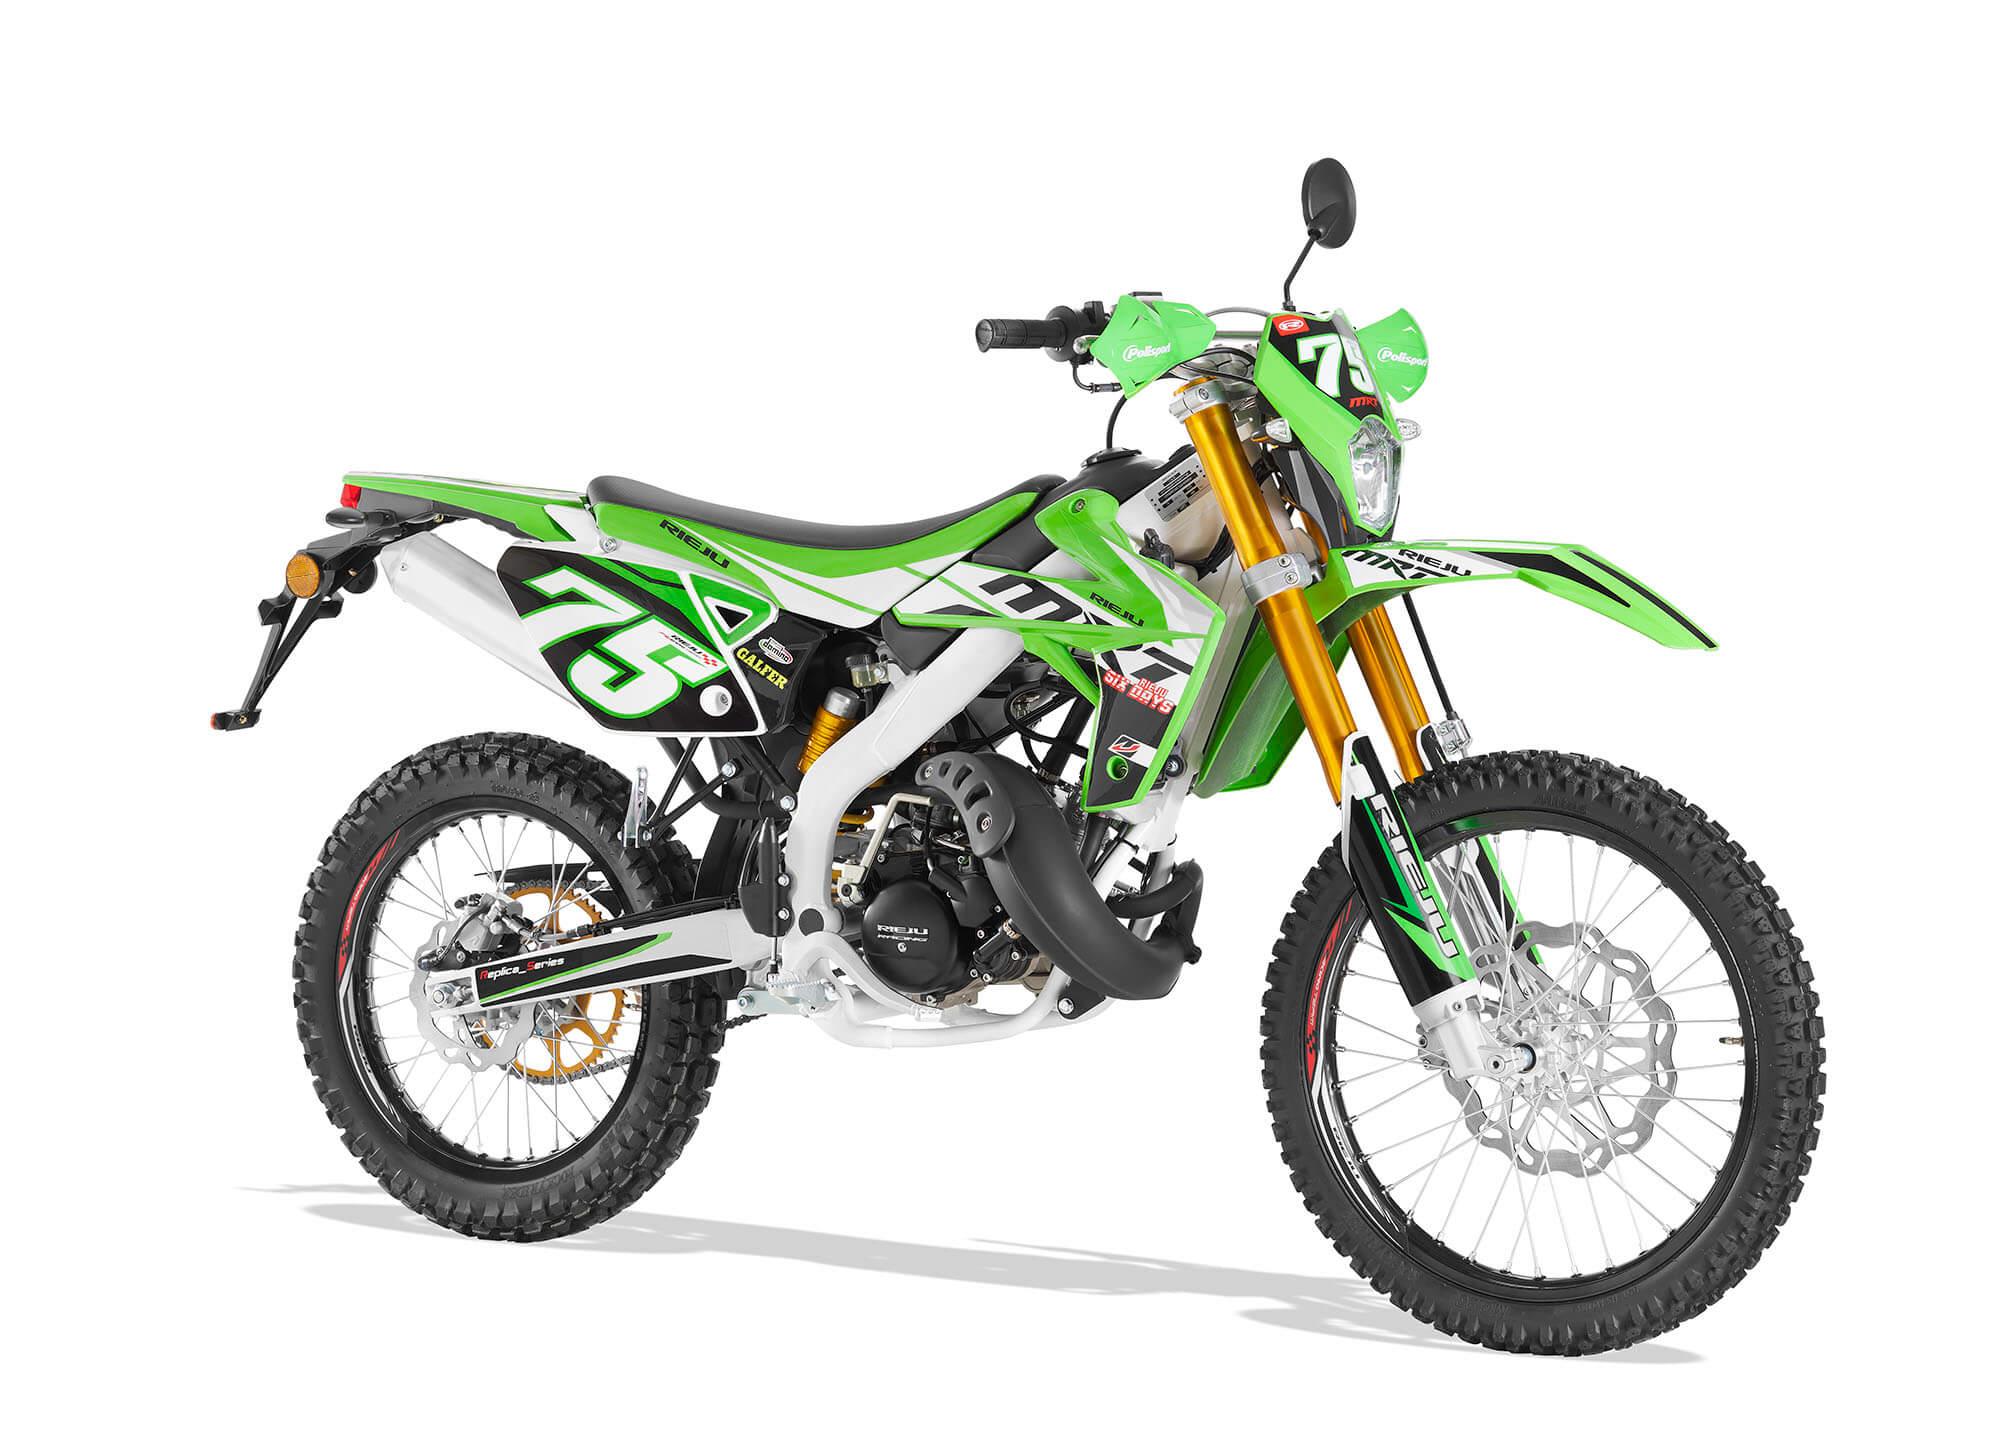 comprar-motos-rieju-mrt-pro-replica-50-verde-motissimo-barcelona